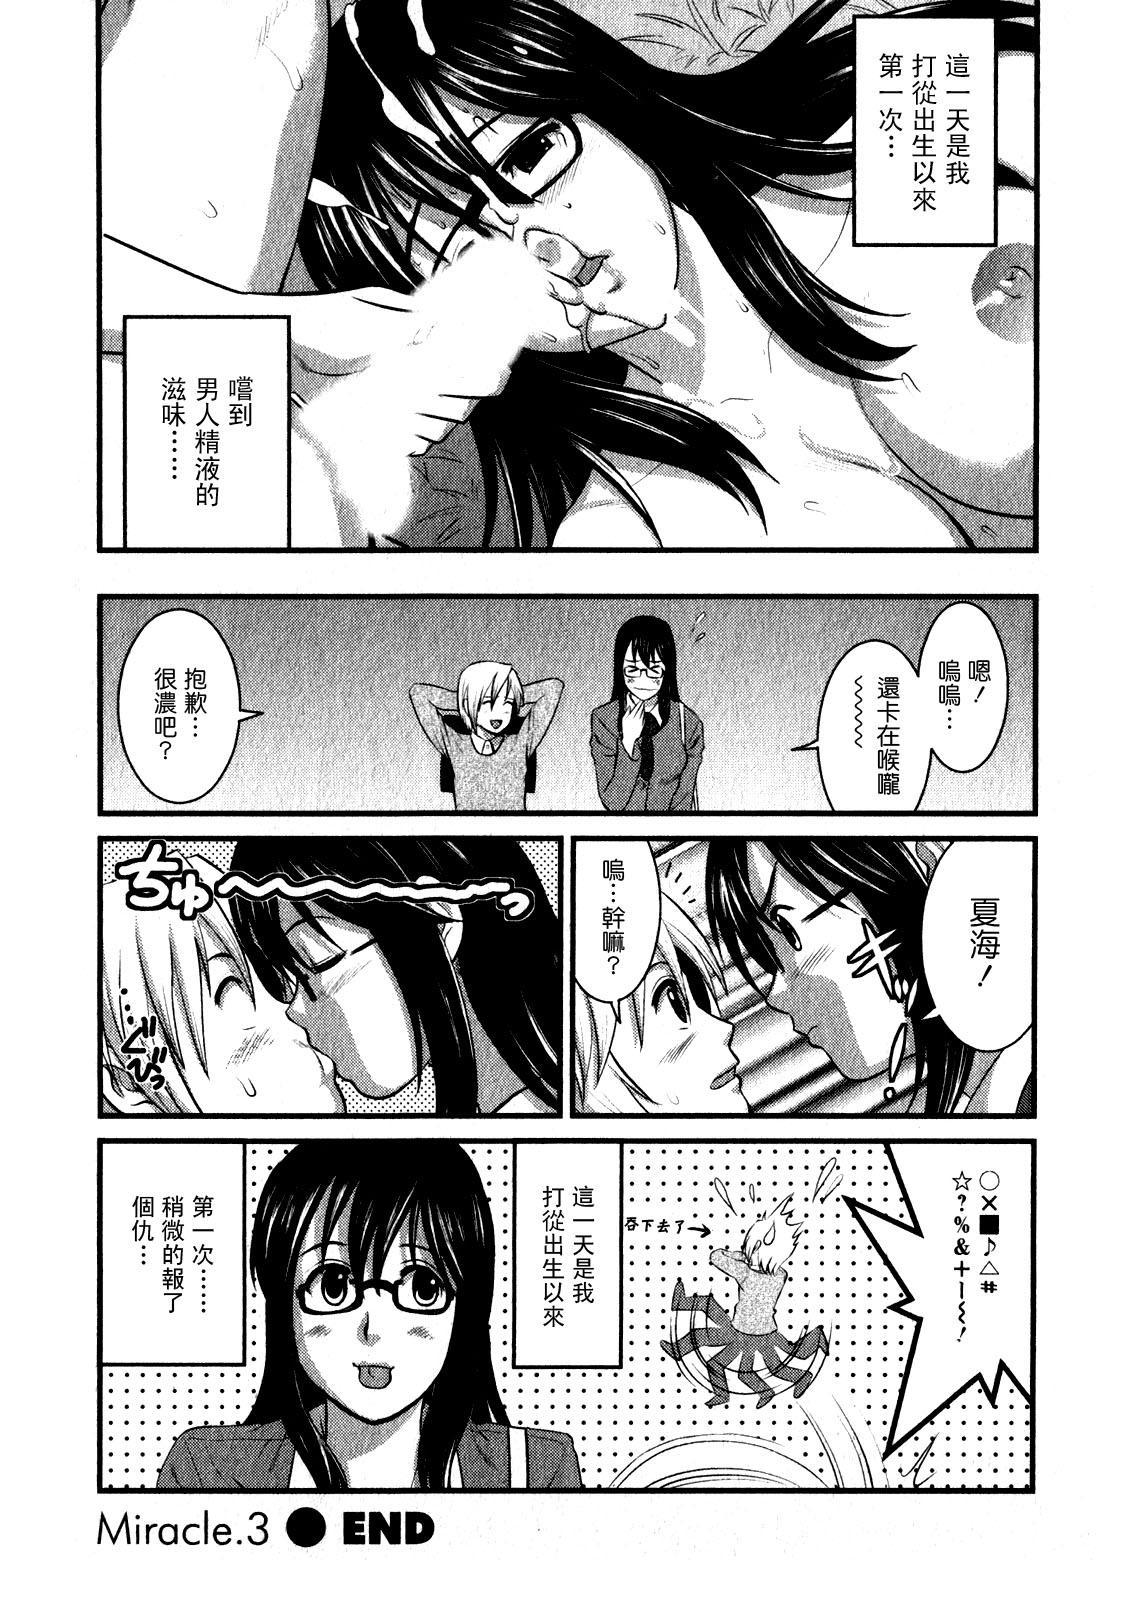 Otaku no Megami-san 1 63